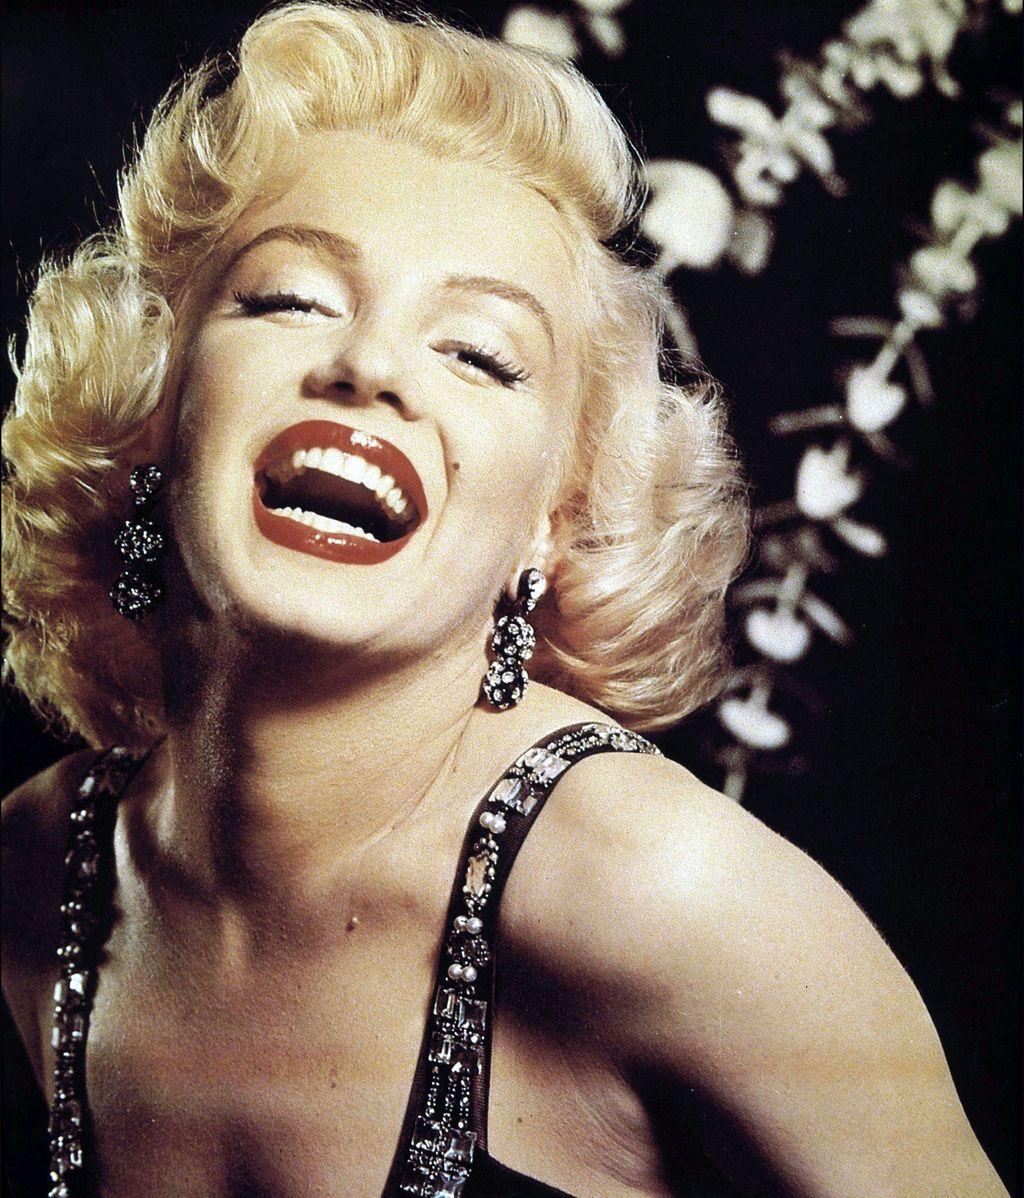 Nació bajo el nombre de Norma Jeane Mortenson y al cumplir 21 lo cambió por Marilyn Monroe